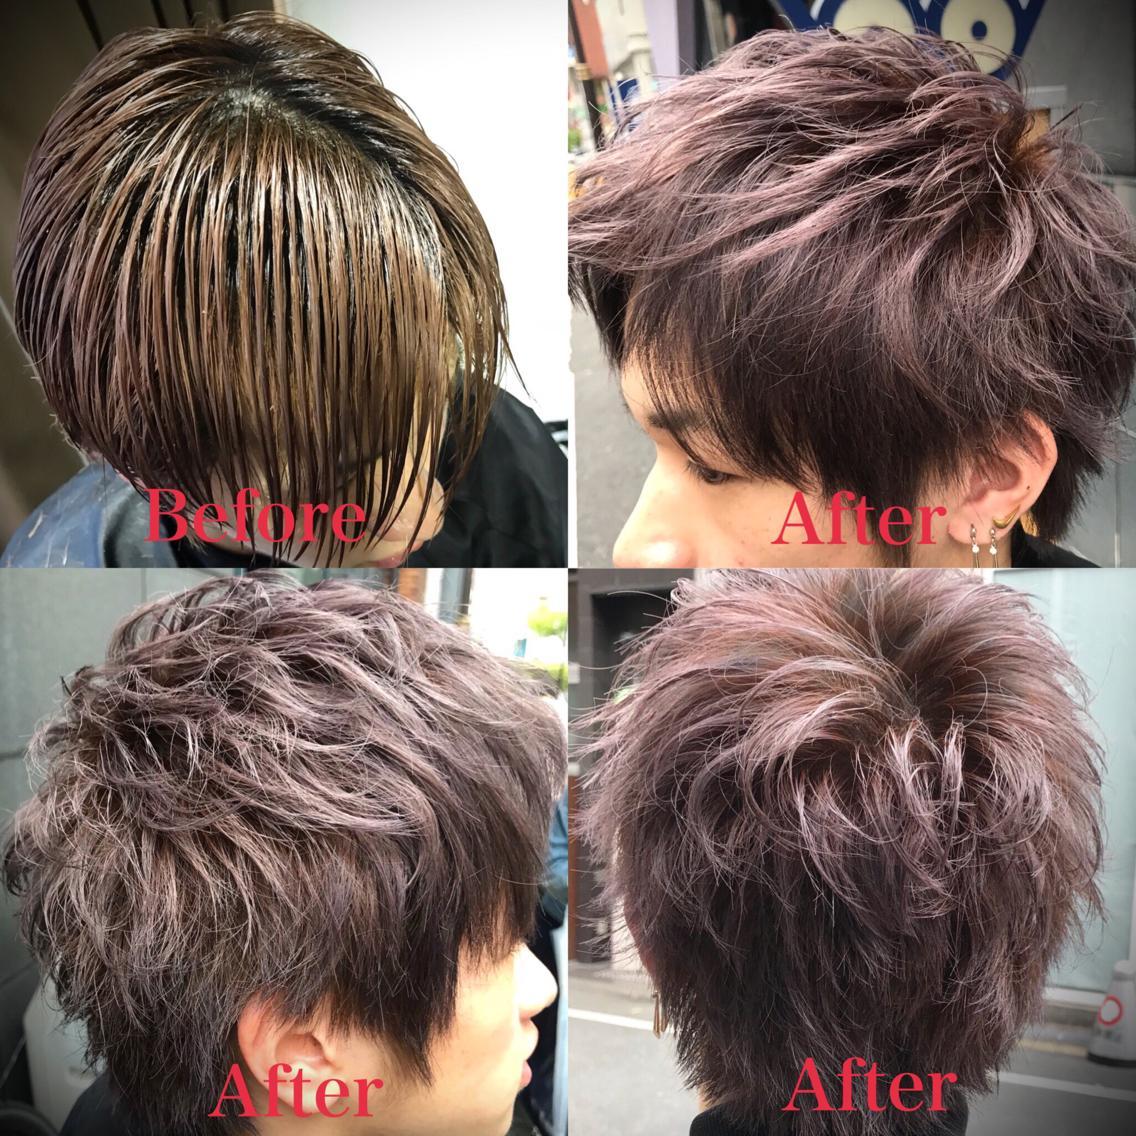 #ショート #カラー #メンズ cut 長くて重かった髪をスッキリと。 前髪は上げても良し、下ろしても良し(^^) イマドキ風な束感スタイルのしやすいカット✂︎ . color 色は元の赤みを活かしたラベンダーアッシュ✨ ブリーチ毛なので透明感⭕️⭕️⭕️